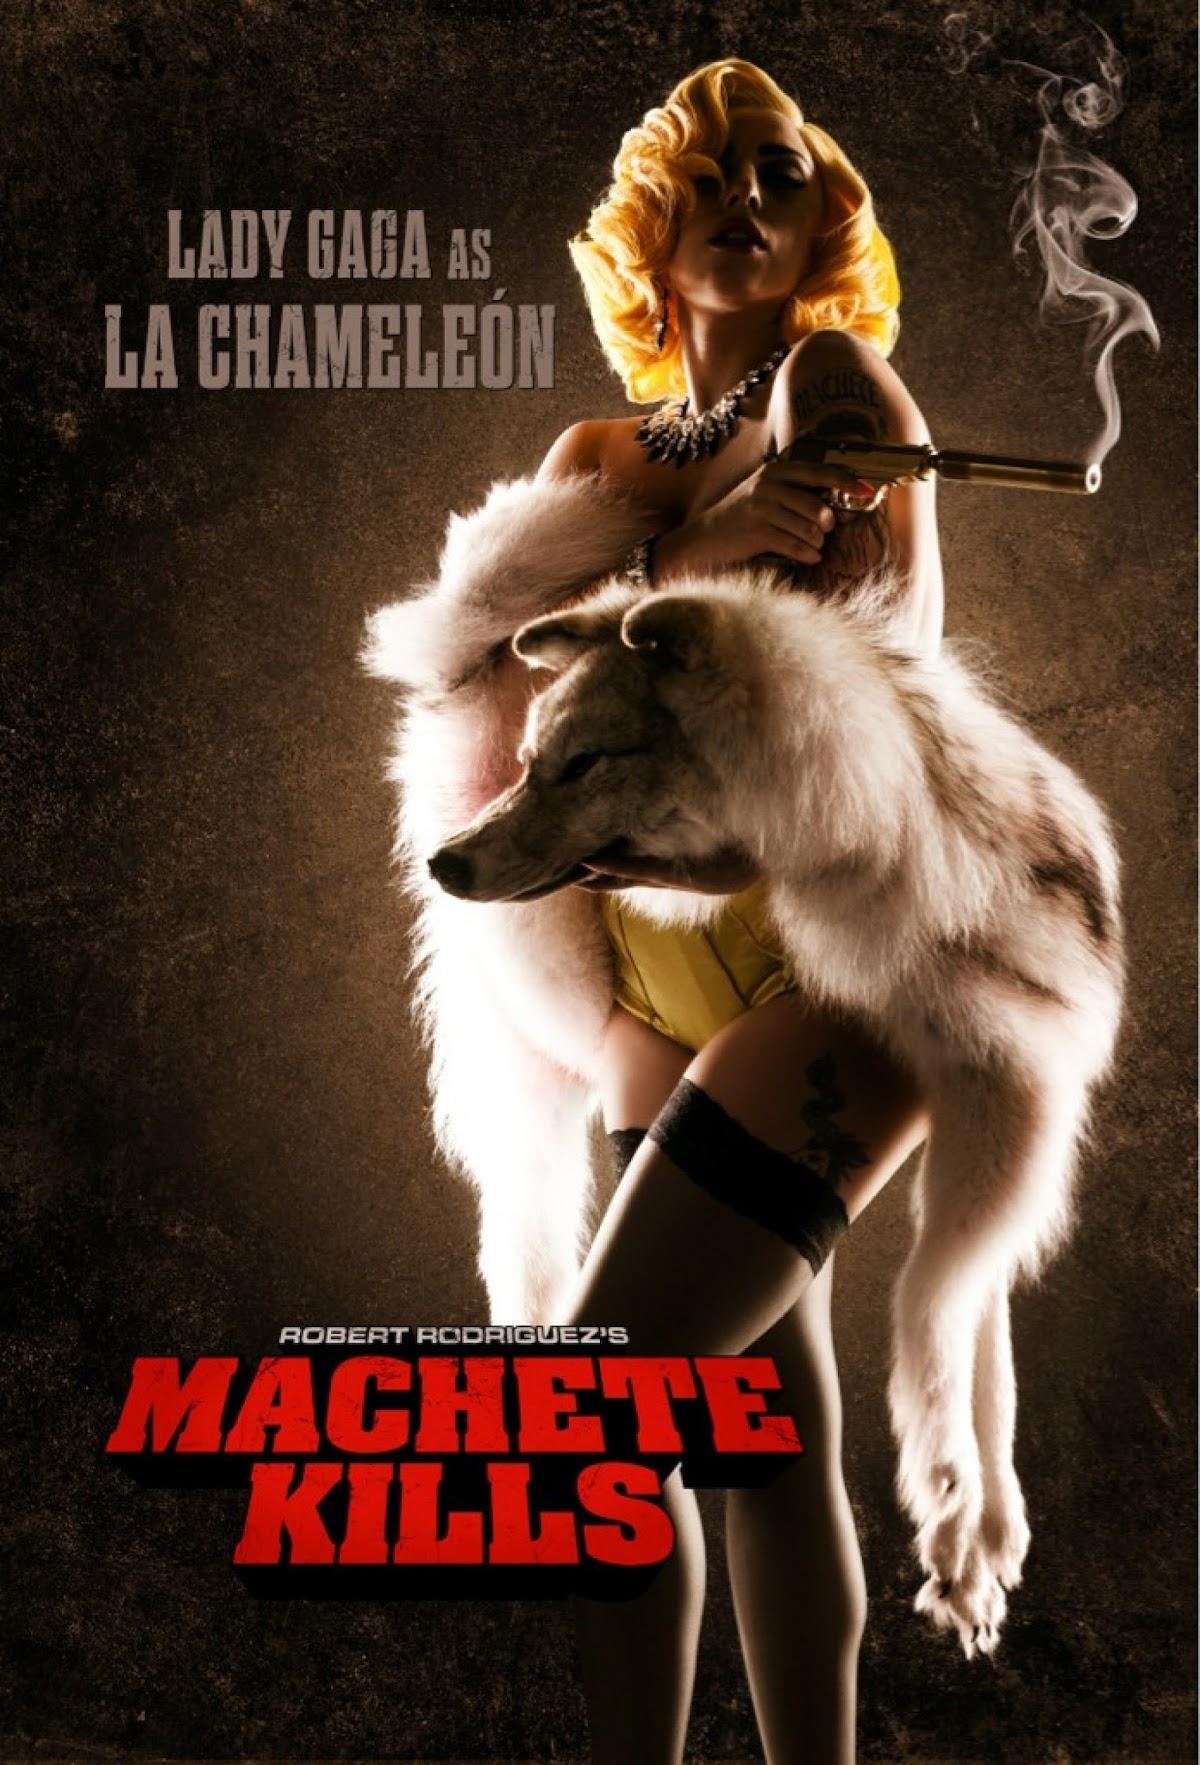 http://3.bp.blogspot.com/-9rDH4DBqshI/UOS3mGKLOLI/AAAAAAAAays/urGIDbksCpo/s1765/lady-gaga-machete-kills-la-chameleon.jpg